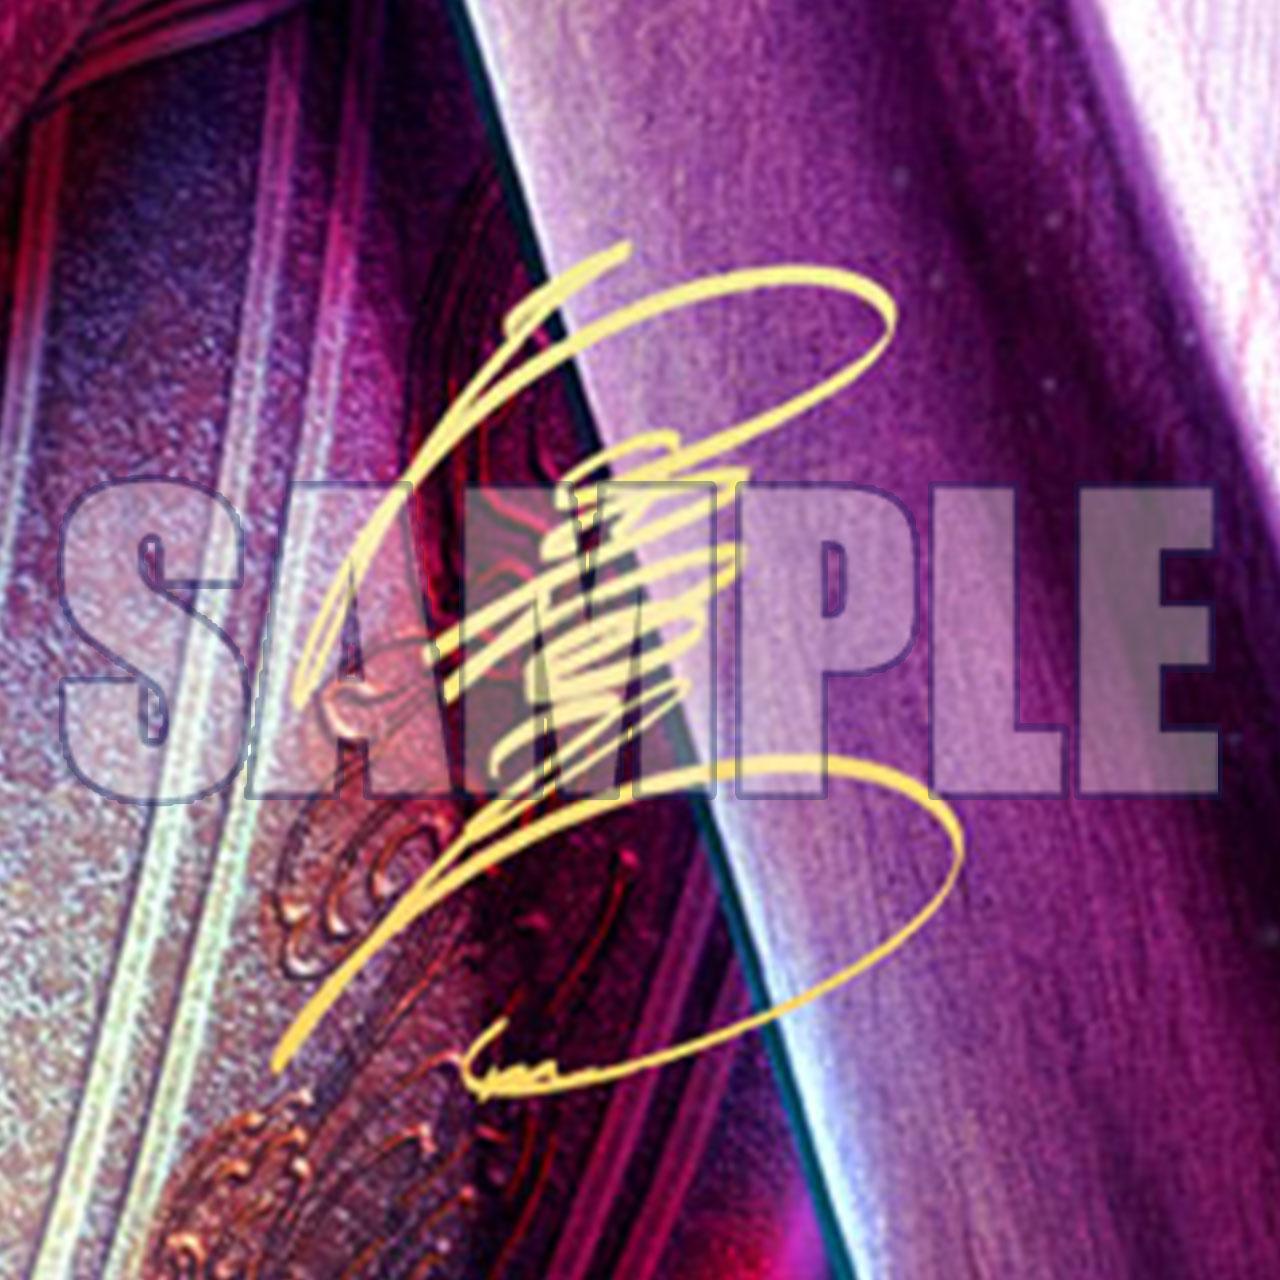 熱血タペストリー A 金色箔押しサイン付きver.イメージ